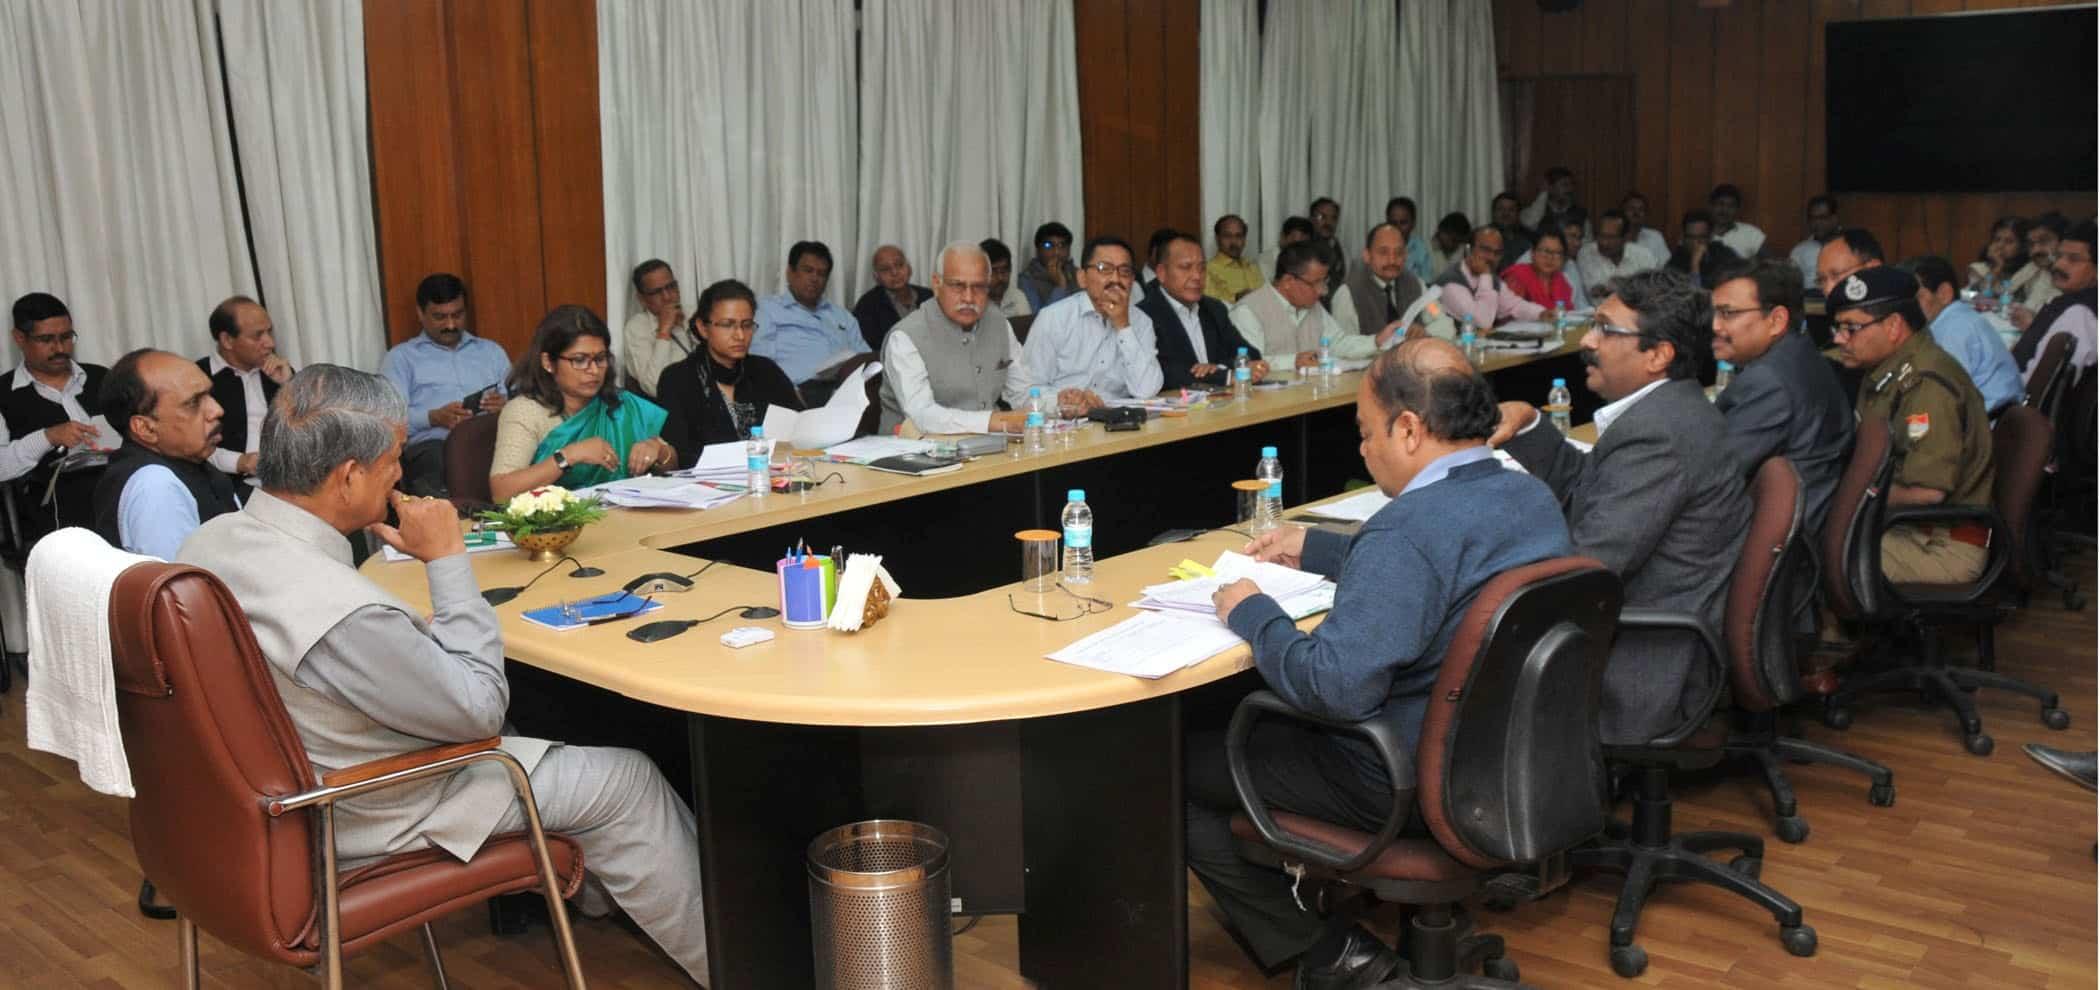 cm-uttarakhand-taking-meeting